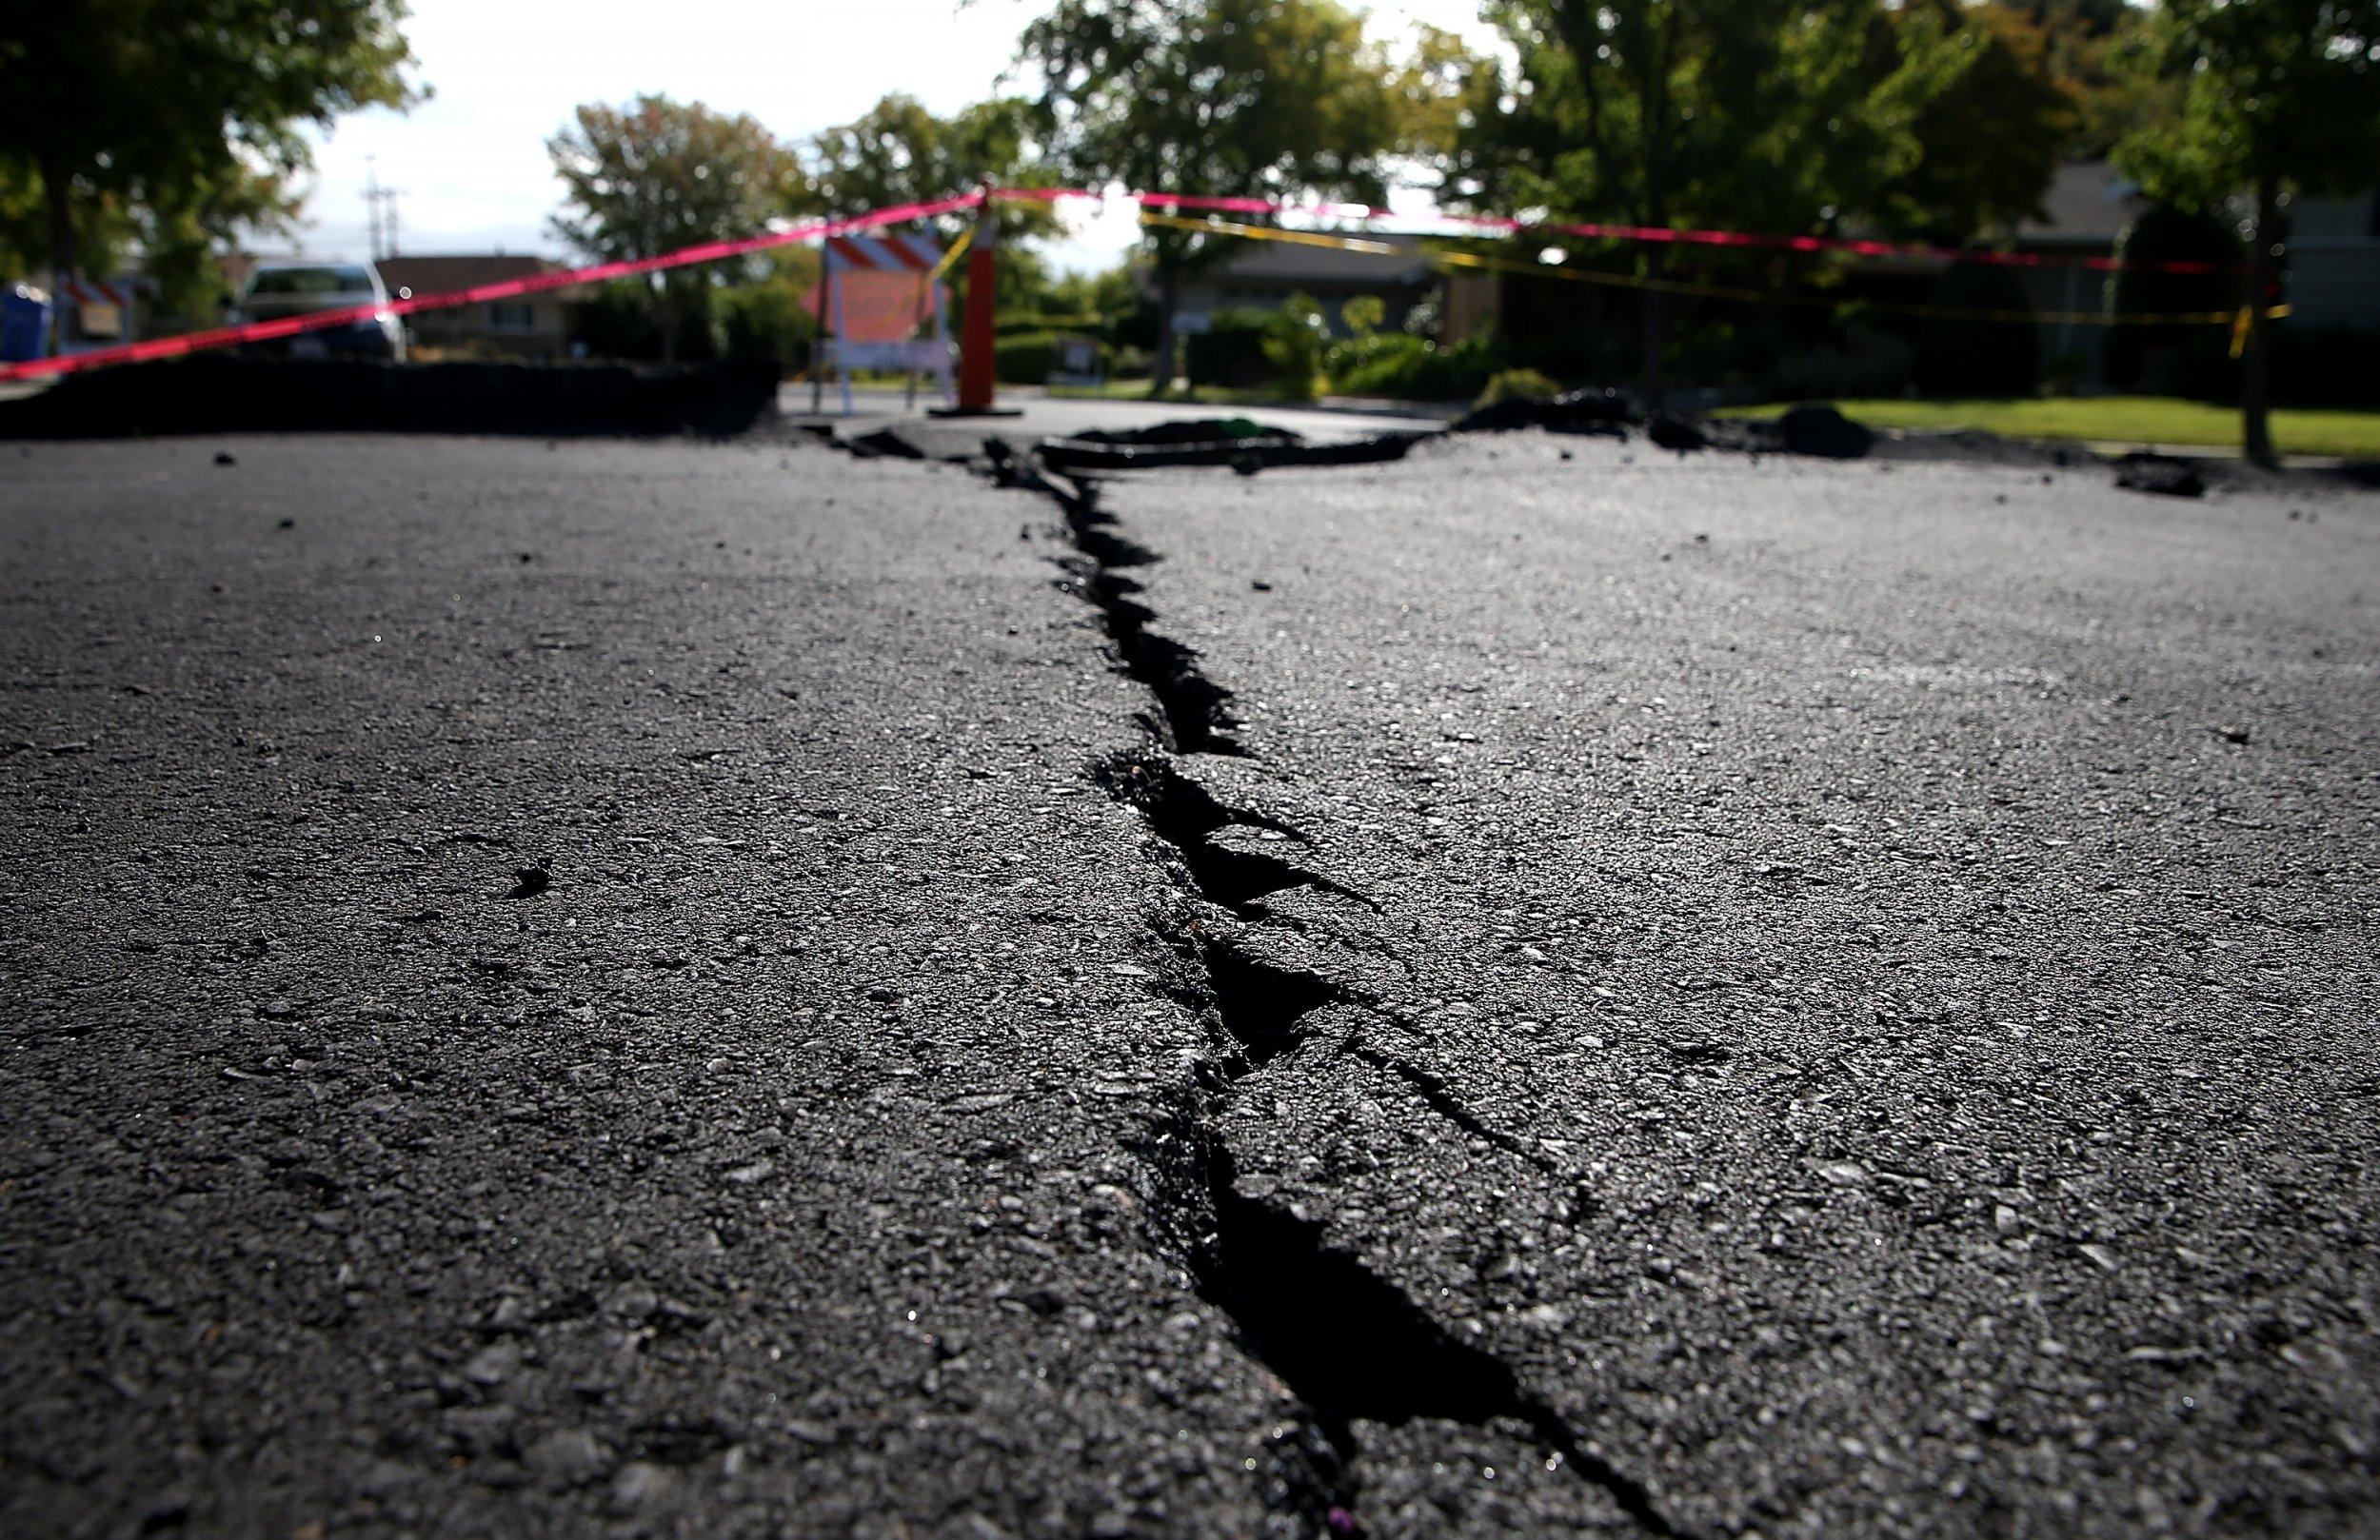 02_07_earthquake_california